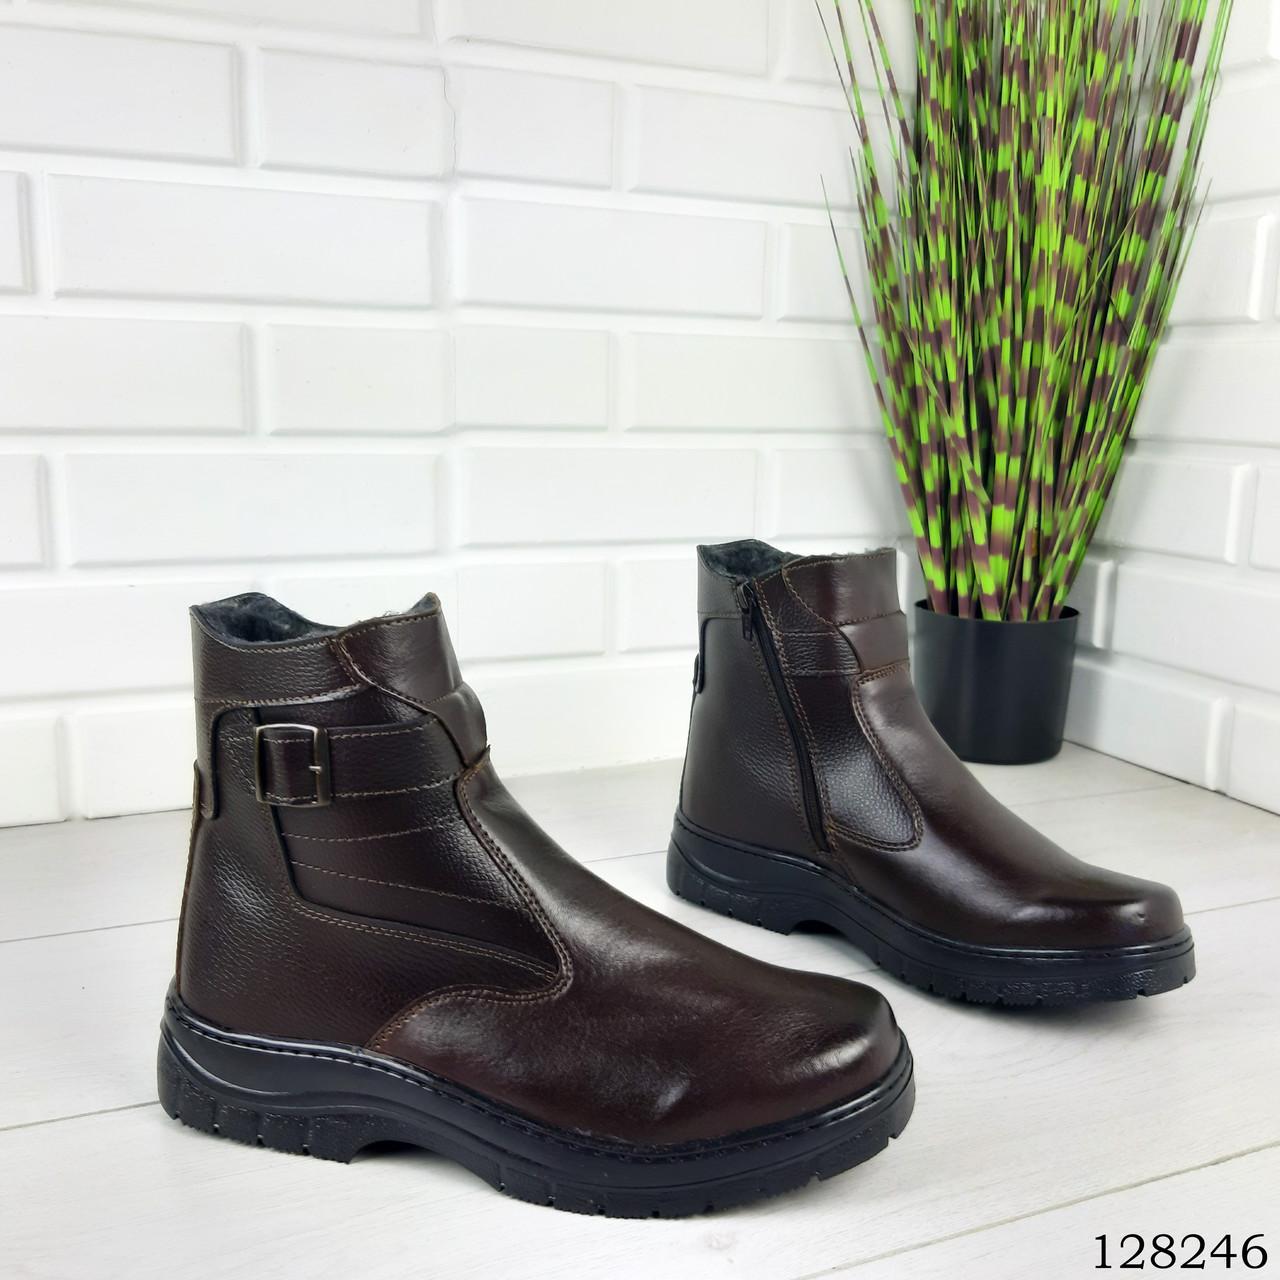 """Ботинки мужские зимние коричневые """"Irve"""" эко кожа, Зимние ботинки. Обувь мужская. Обувь зимняя"""